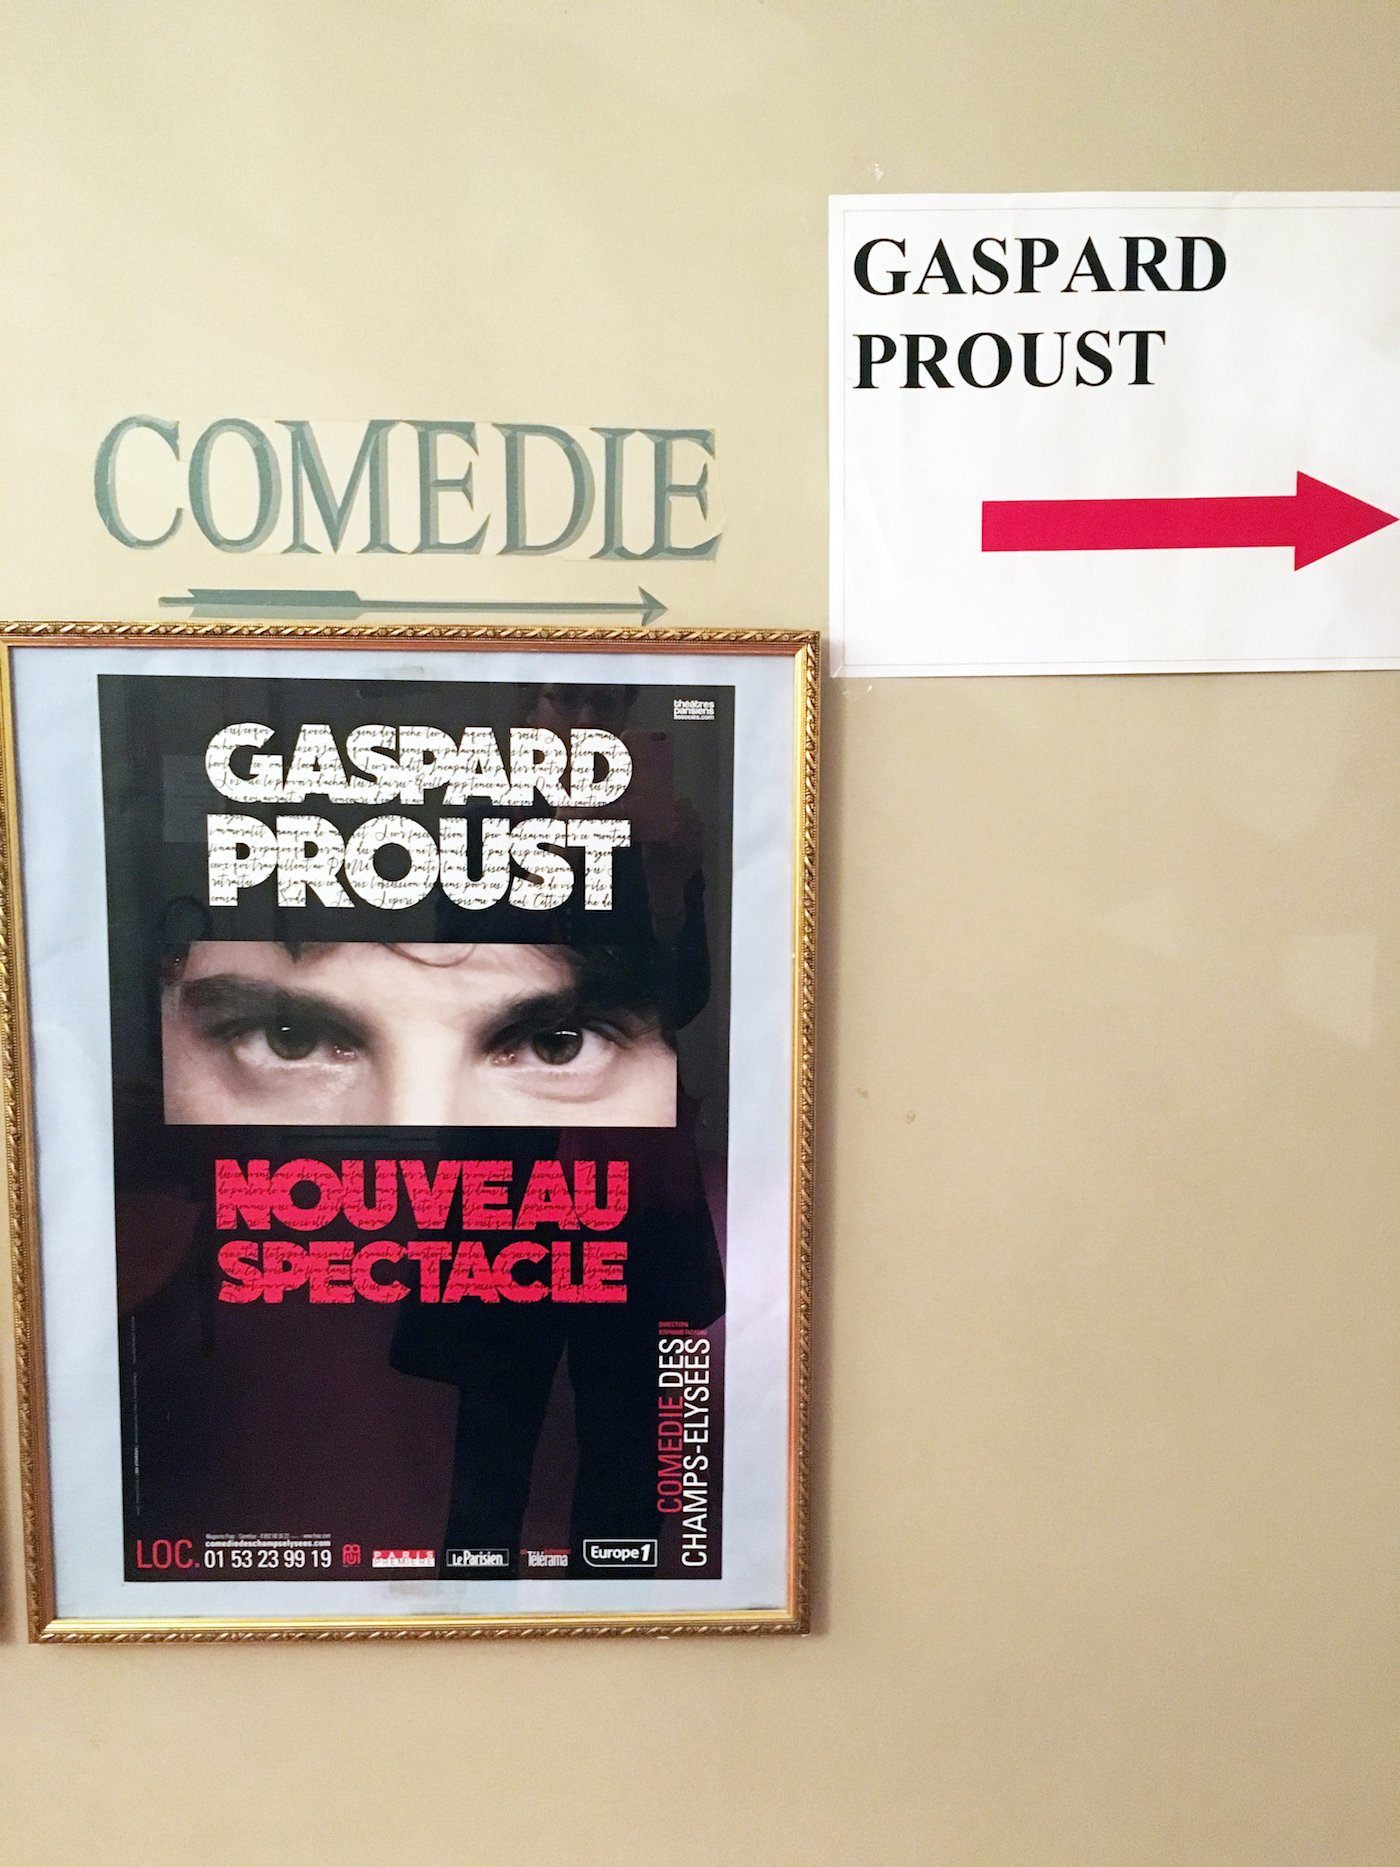 Gaspard Proust Nouveau Spectacle Dvd : gaspard, proust, nouveau, spectacle, Gaspard, Proust, Twitter:, Demande, Générale,, Avons, Ajouté, Dimanches, Comédie, Champs-Élysées, Https://t.co/V6YxjBzSz5, Https://t.co/qYalrKYr6s